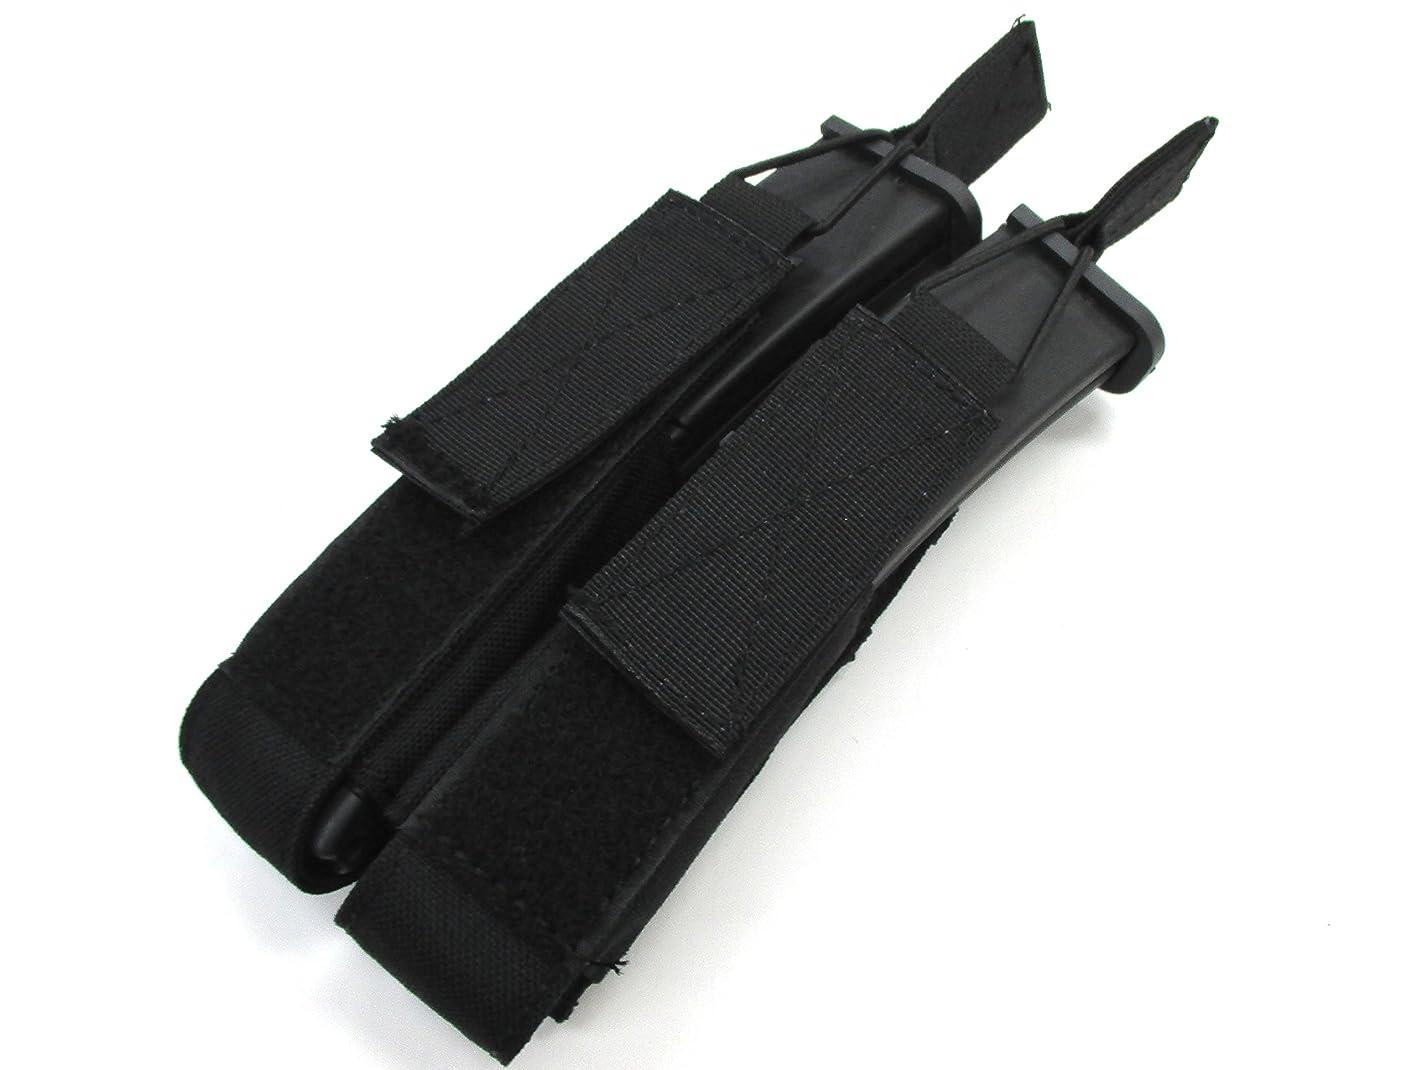 何故なの感じスパンMolleシステム 軍用規格 P90 二連 マガジンポーチ BK